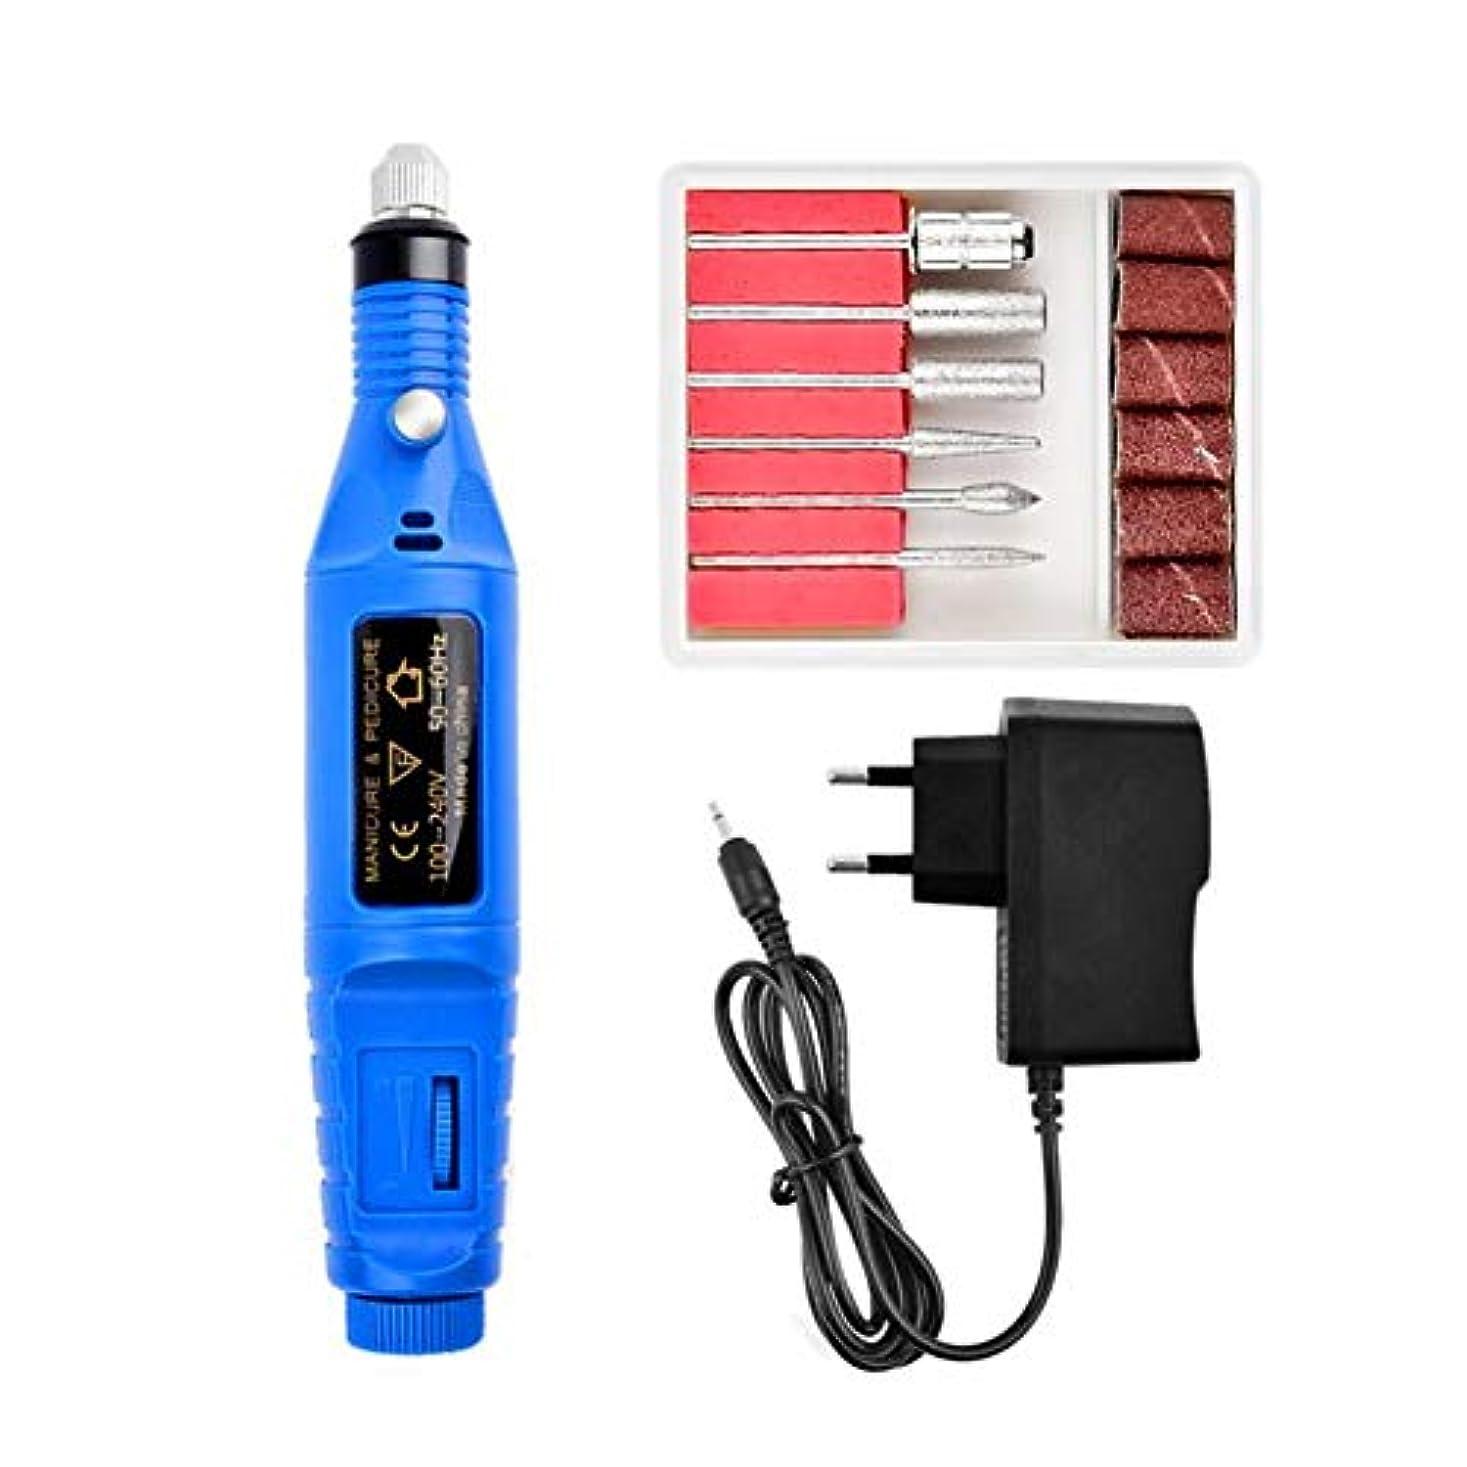 まで漏れ後継ネイルリムーバーペディキュアツールネイル用品青EUプラグのスタイルを充電する電動ネイルドリルペン形状の爪ミニ